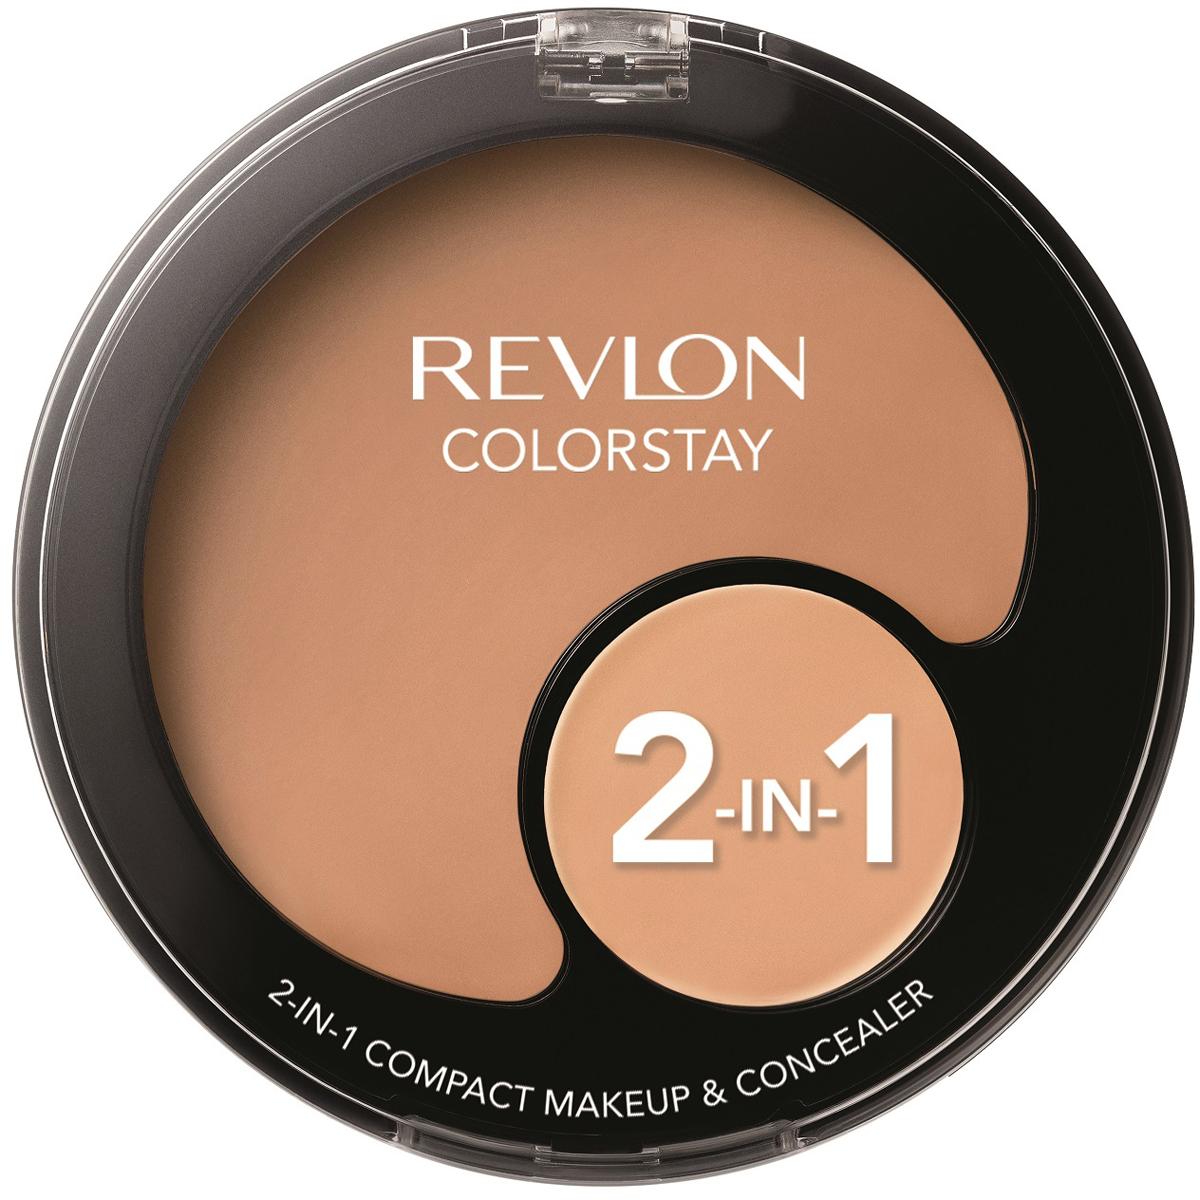 Revlon Тональная основа + консилер 2 в 1 colorstay, тон №240, 11 г revlon colorstay тональная основа и консилер 2в1 240 medium beige